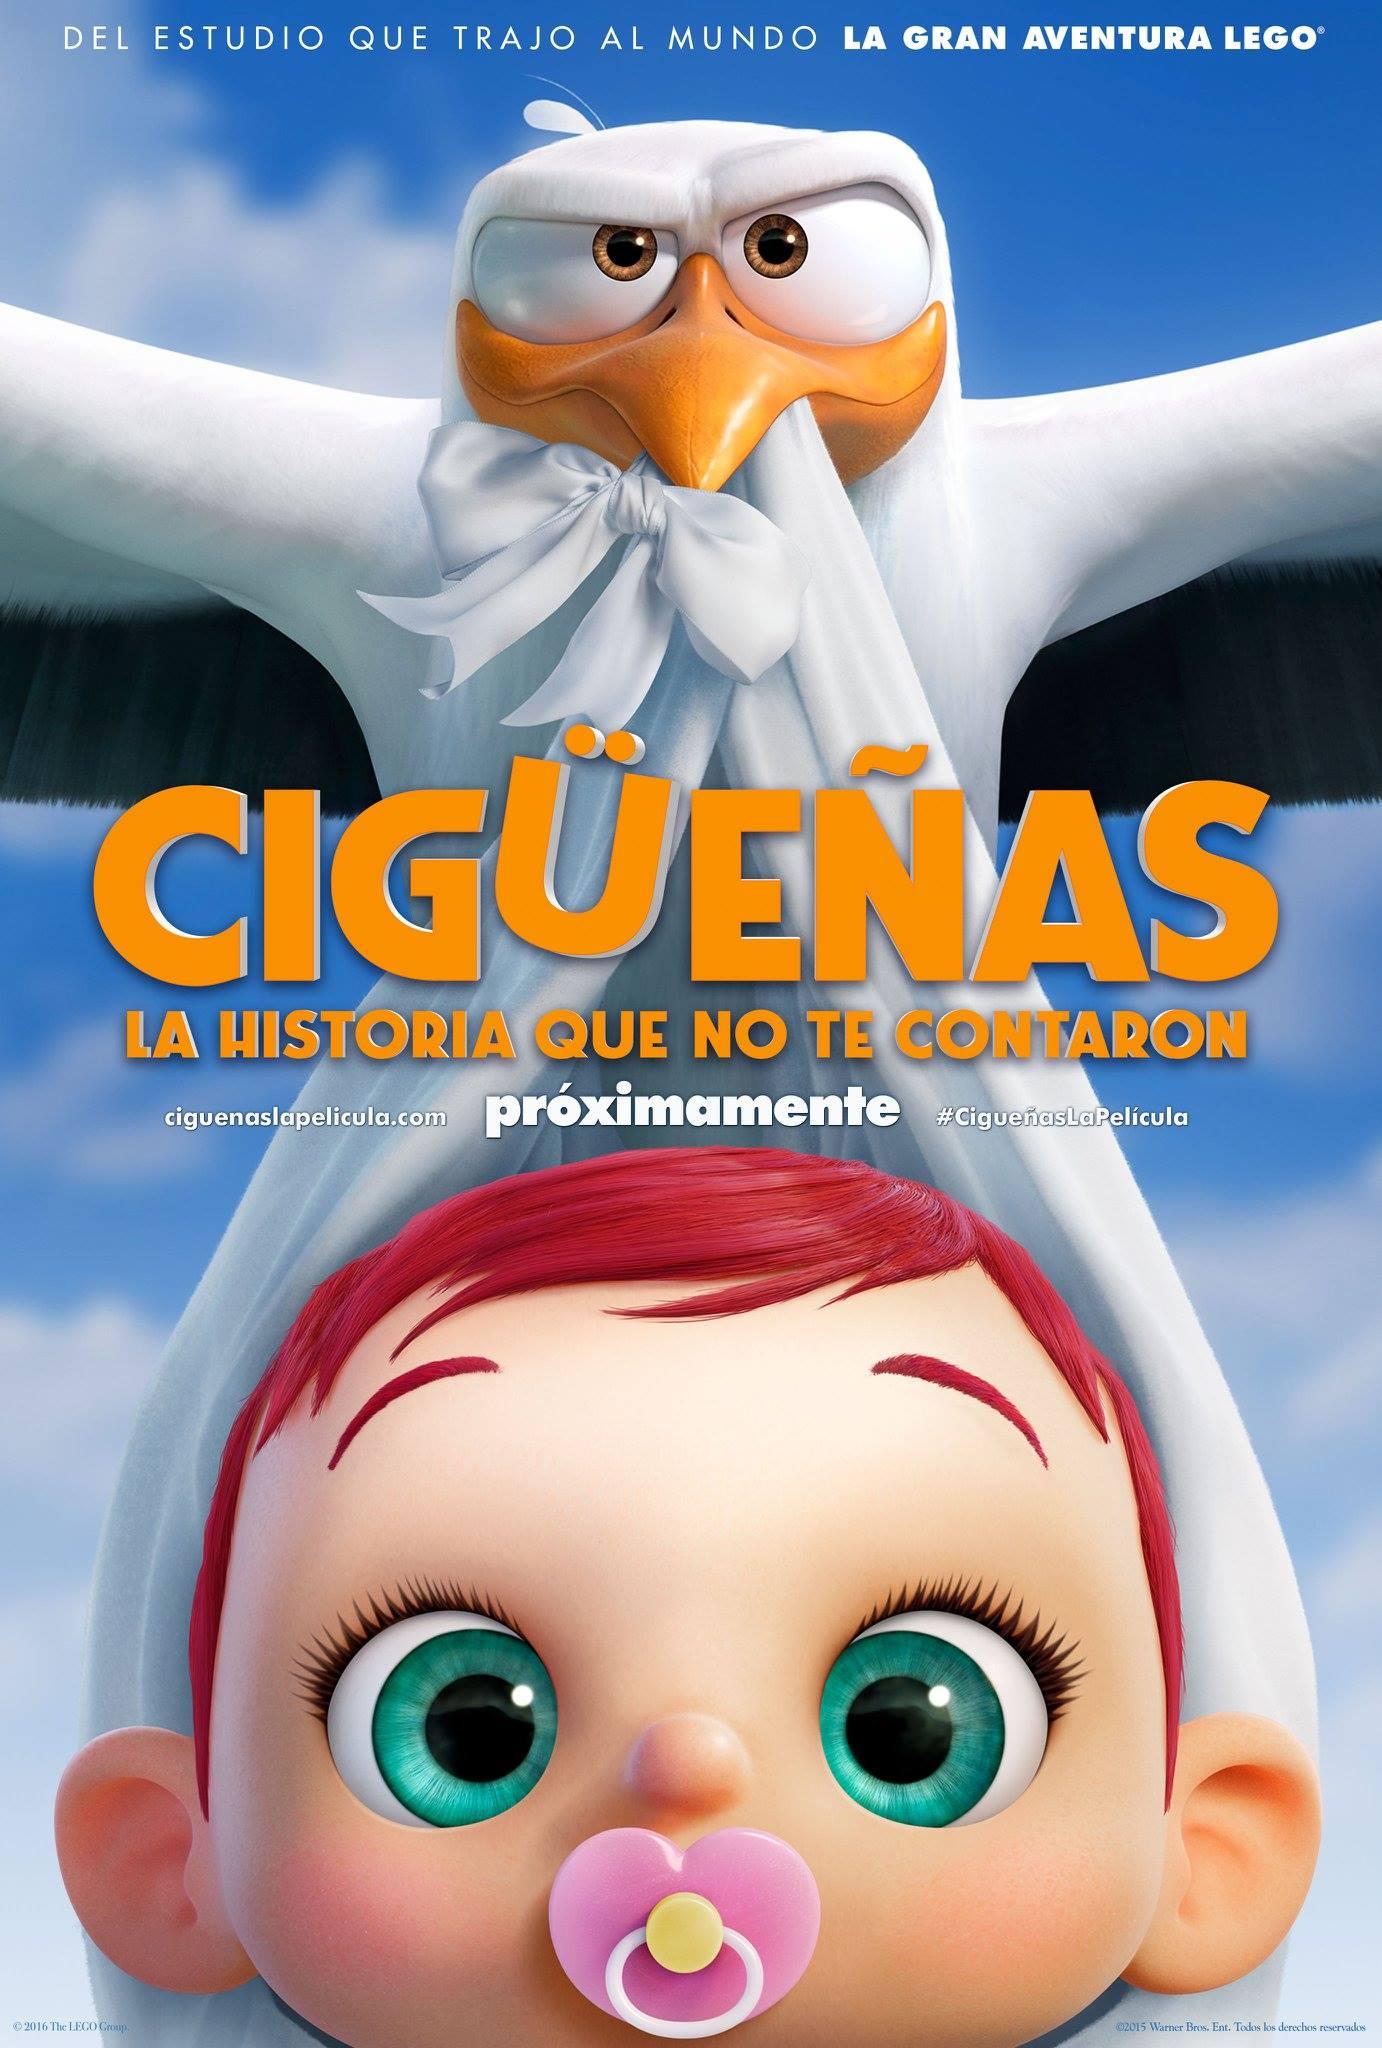 http://3.bp.blogspot.com/-HGXl1uKOBUg/VnQ9qMSl2rI/AAAAAAAAhFY/R49Kx8N8-3s/s00/Cigue%25C3%25B1as_Poster_Latino_JPOSTERS.jpg